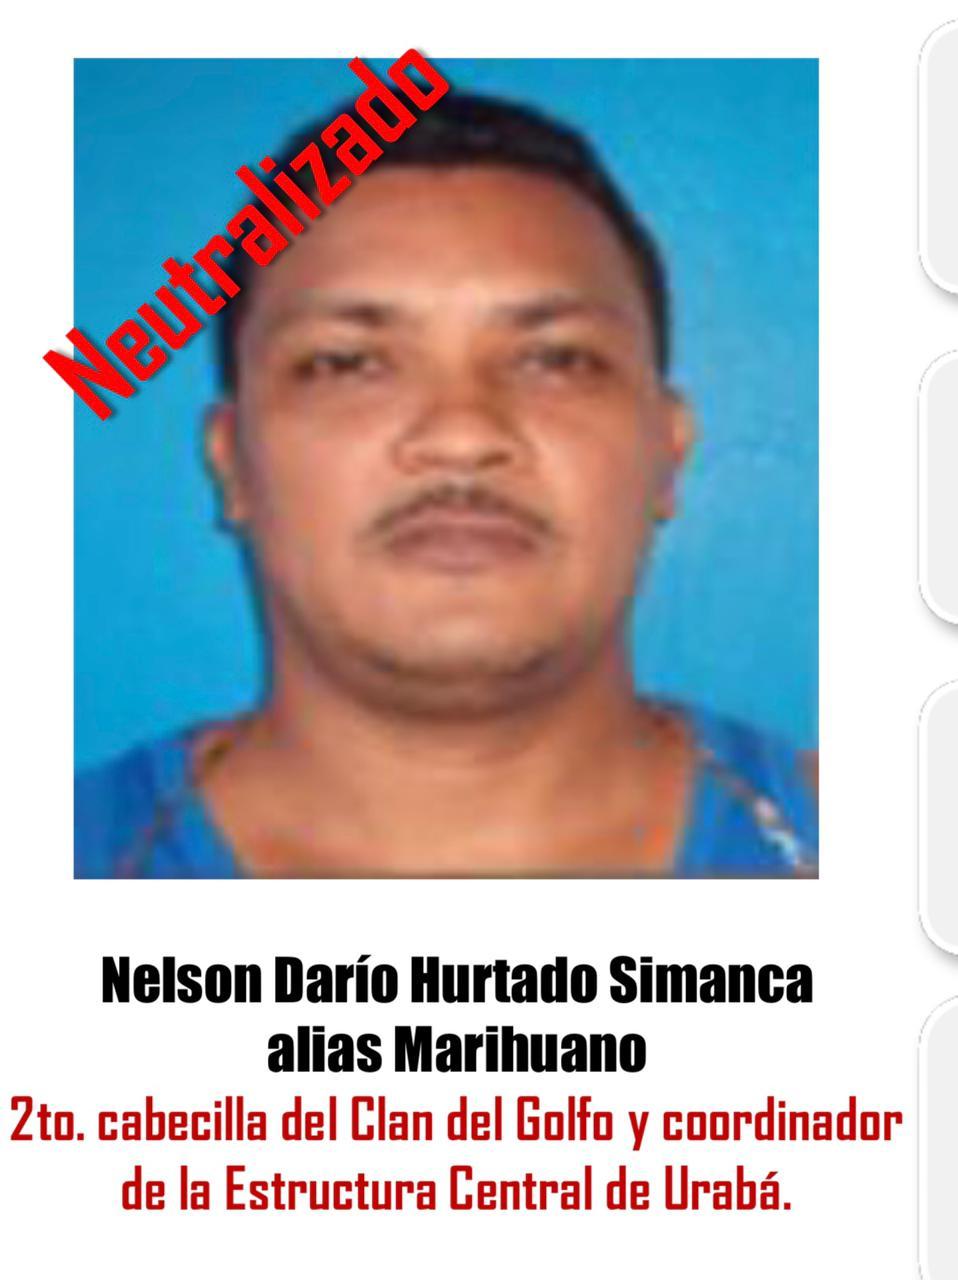 Murió 'Marihuano' en medio de la operación Agamenón 4